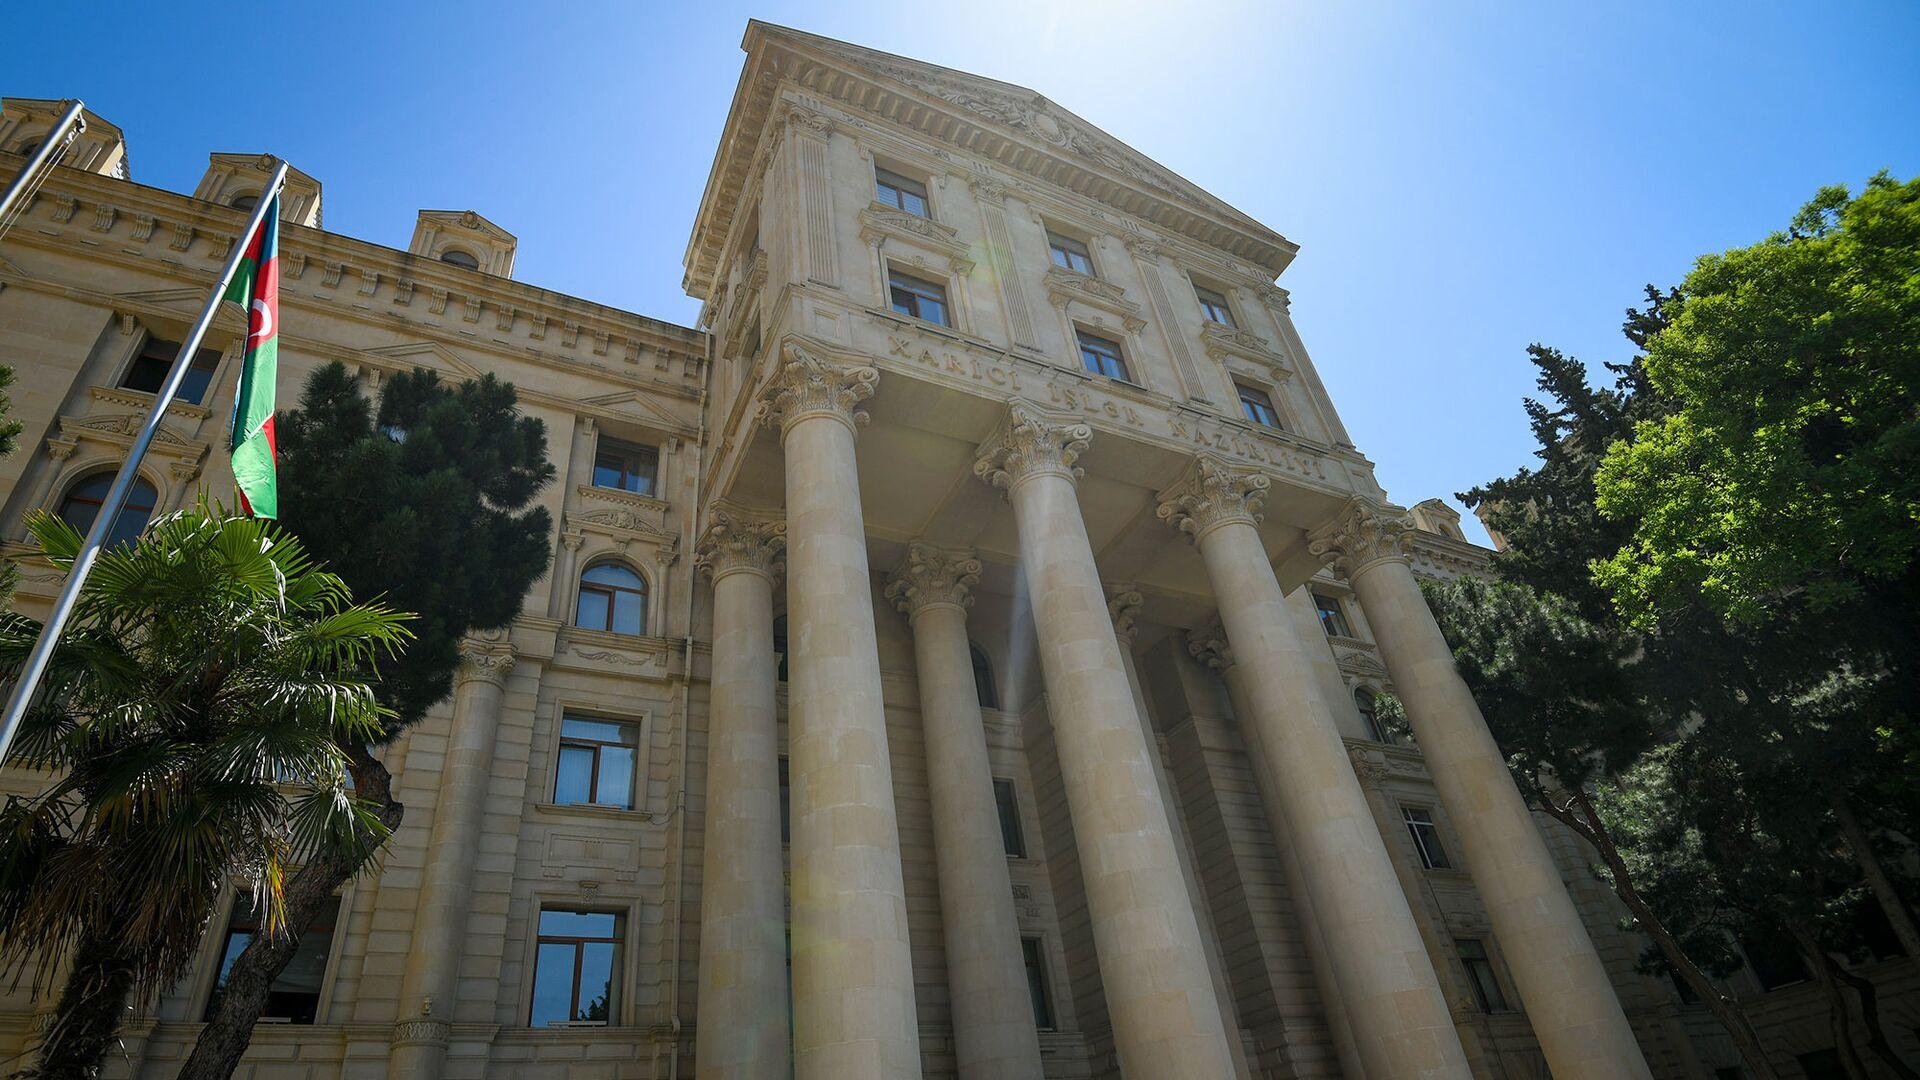 Здание министерства иностранных дел Азербайджанской Республики в Баку, фото из архива - Sputnik Азербайджан, 1920, 17.07.2021